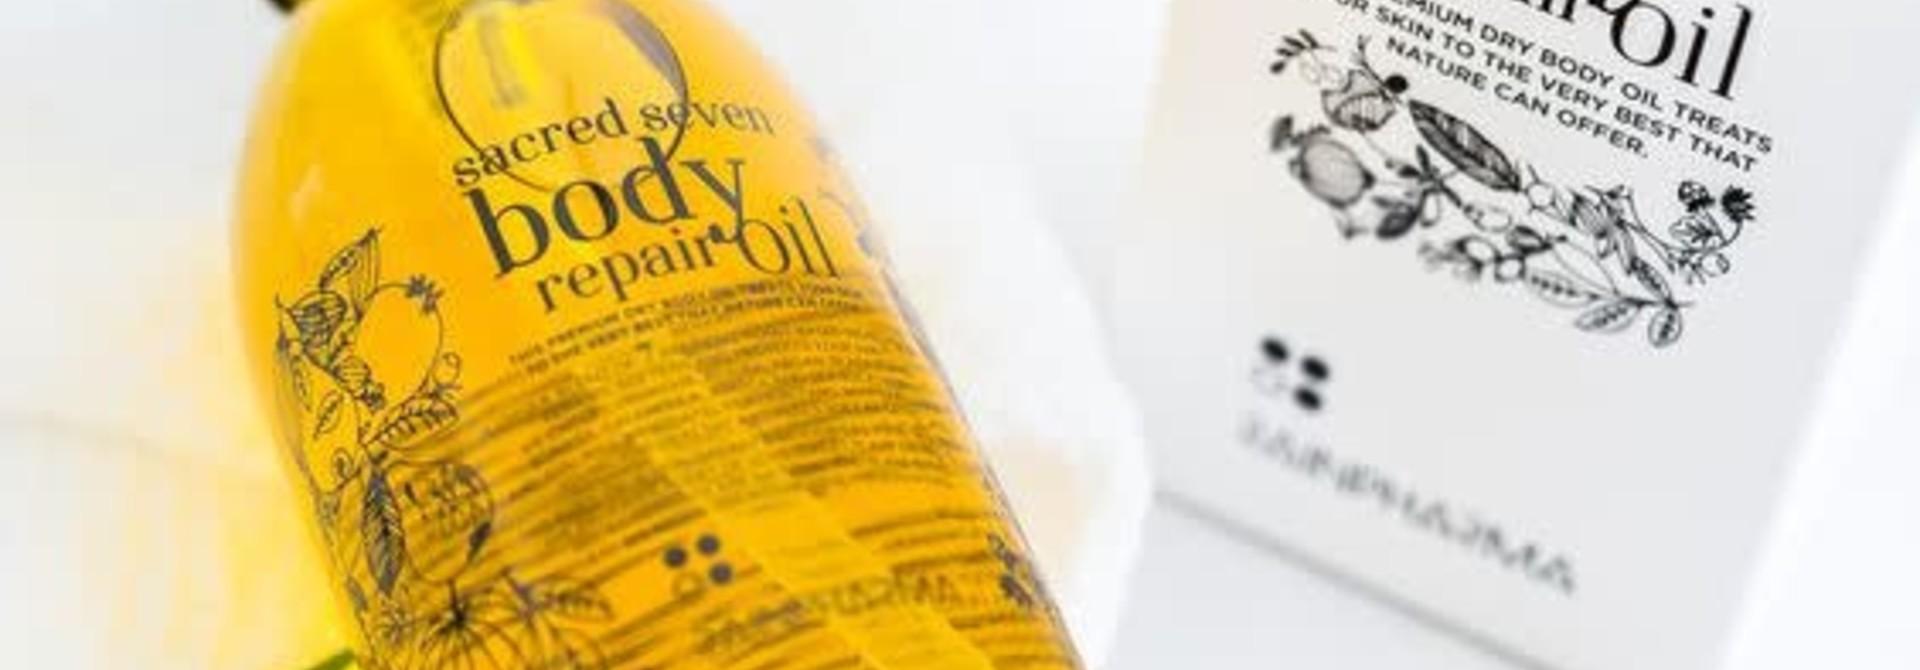 Sacred Seven Body Repair Oil dé Premium Body Oil